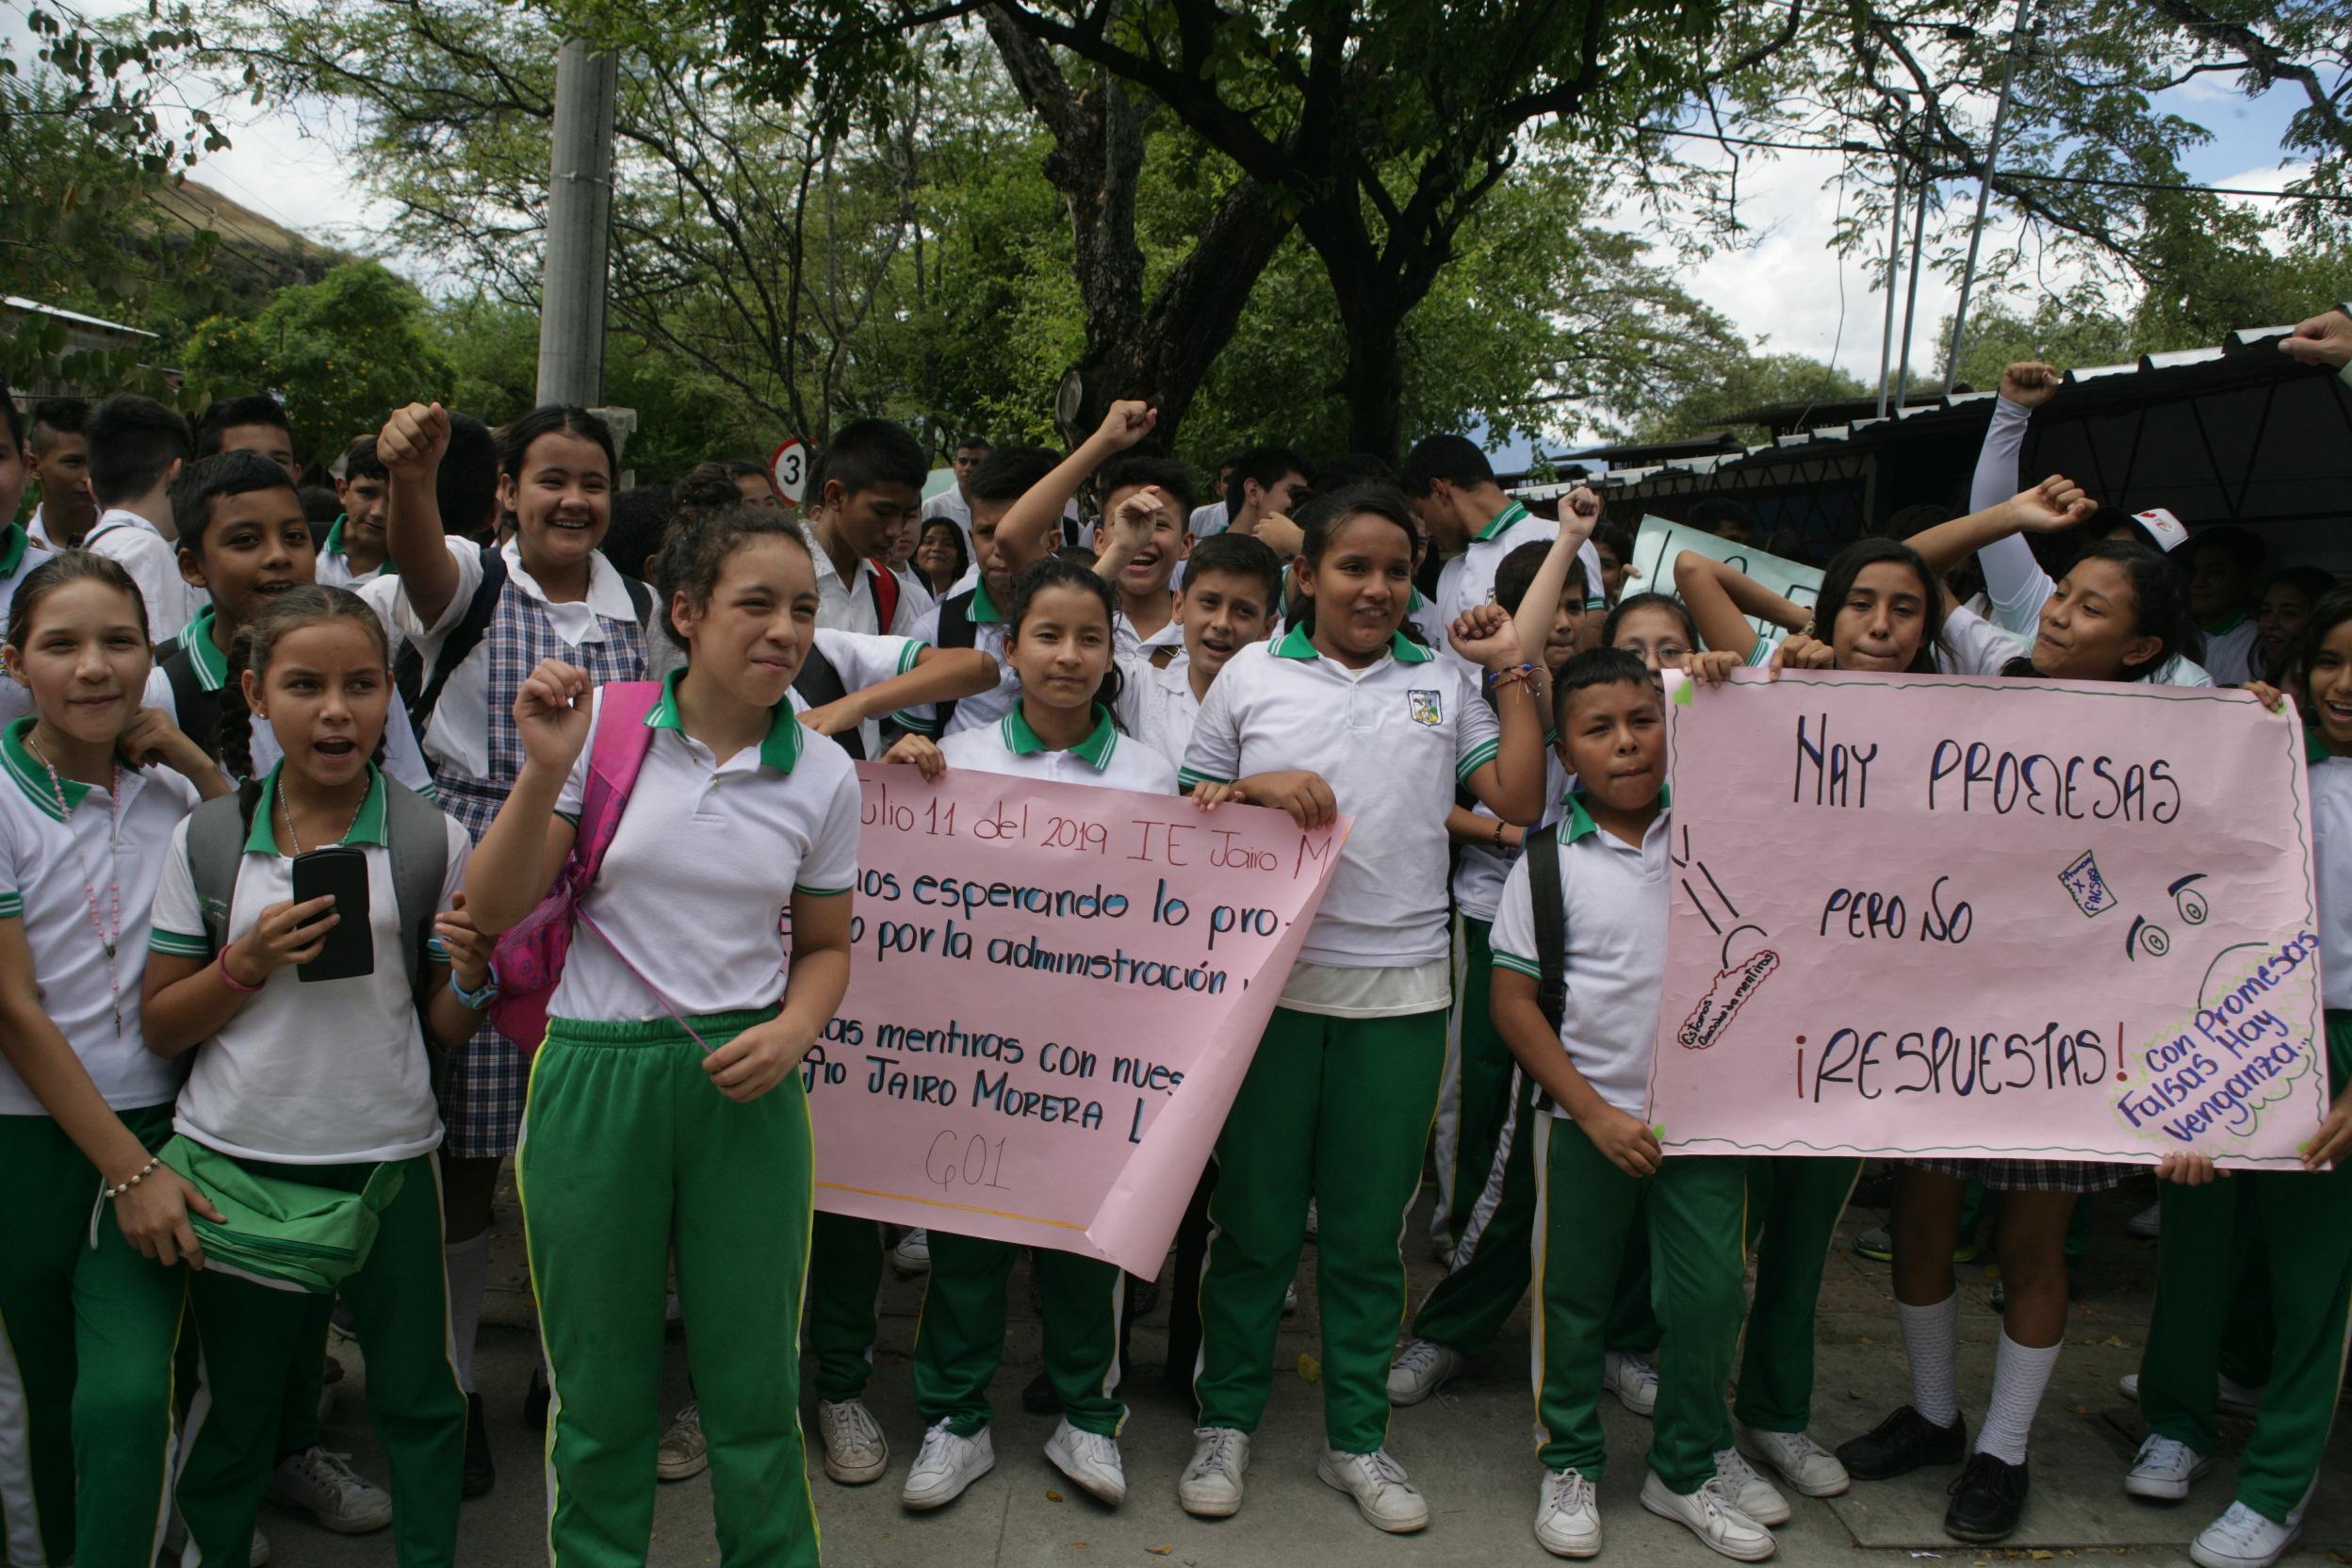 Se olvidaron del 'Jairo Morera Lizcano' • La Nación